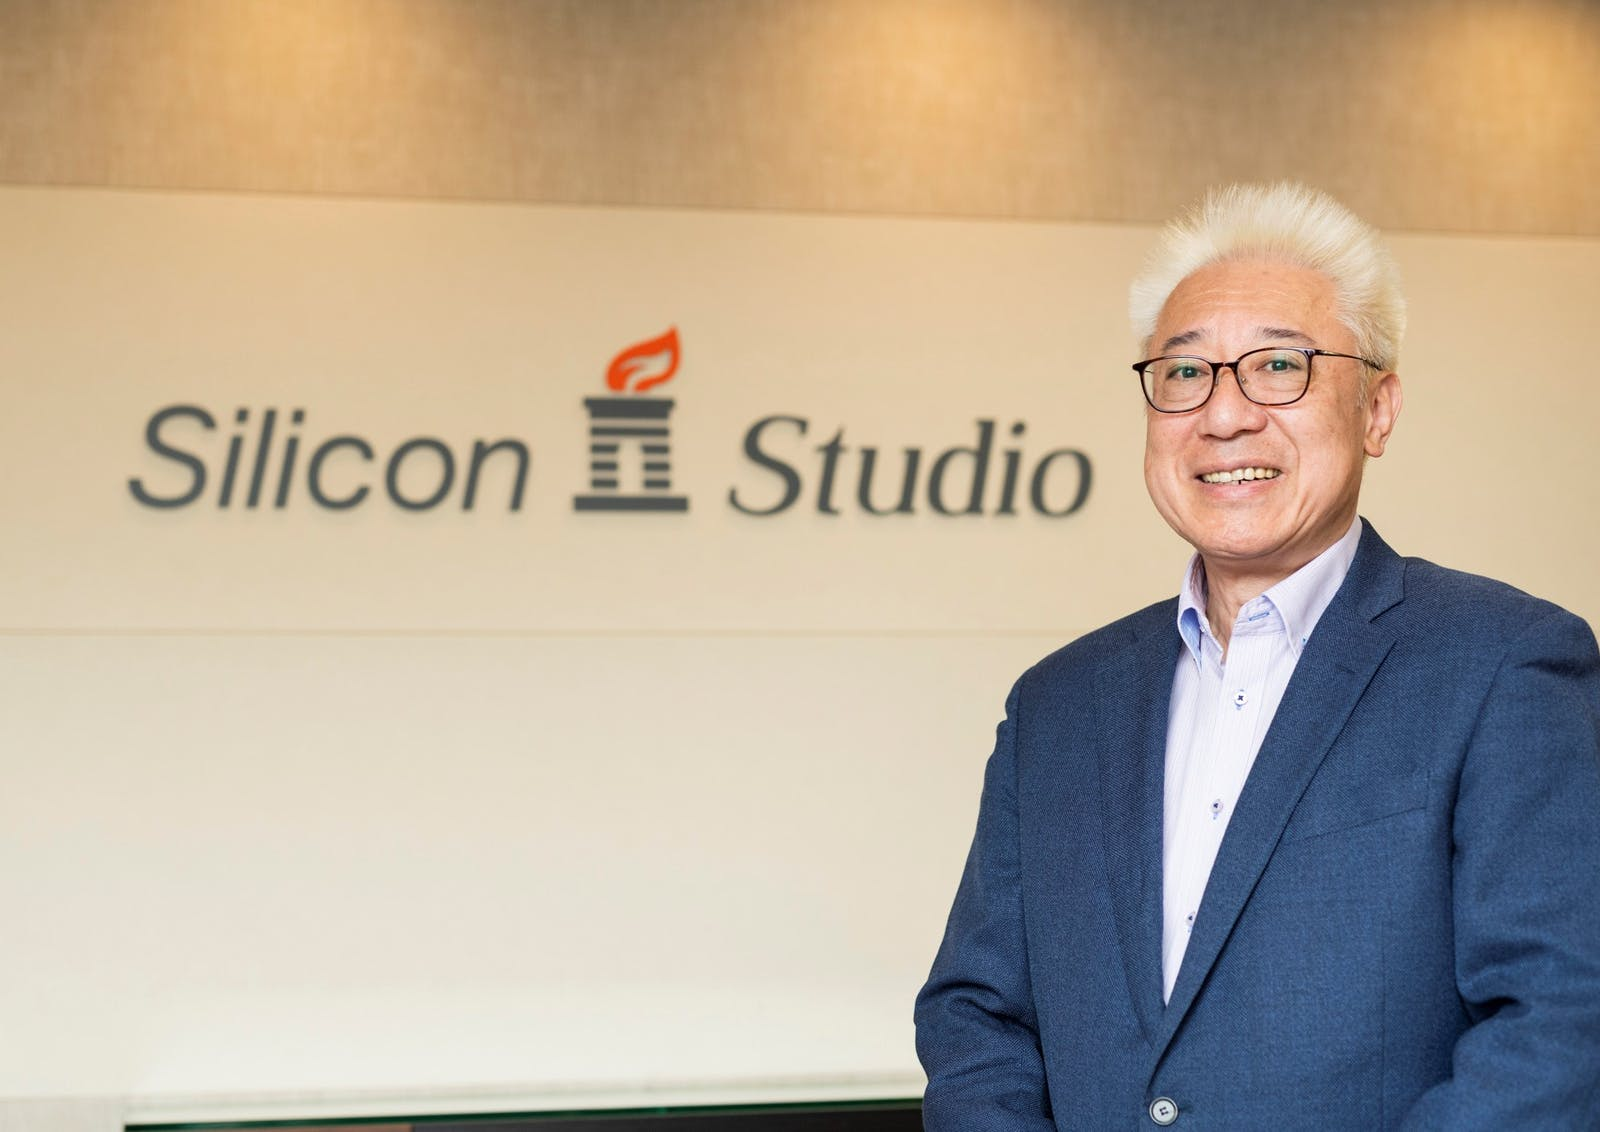 シリコンスタジオ株式会社のアイキャッチ画像